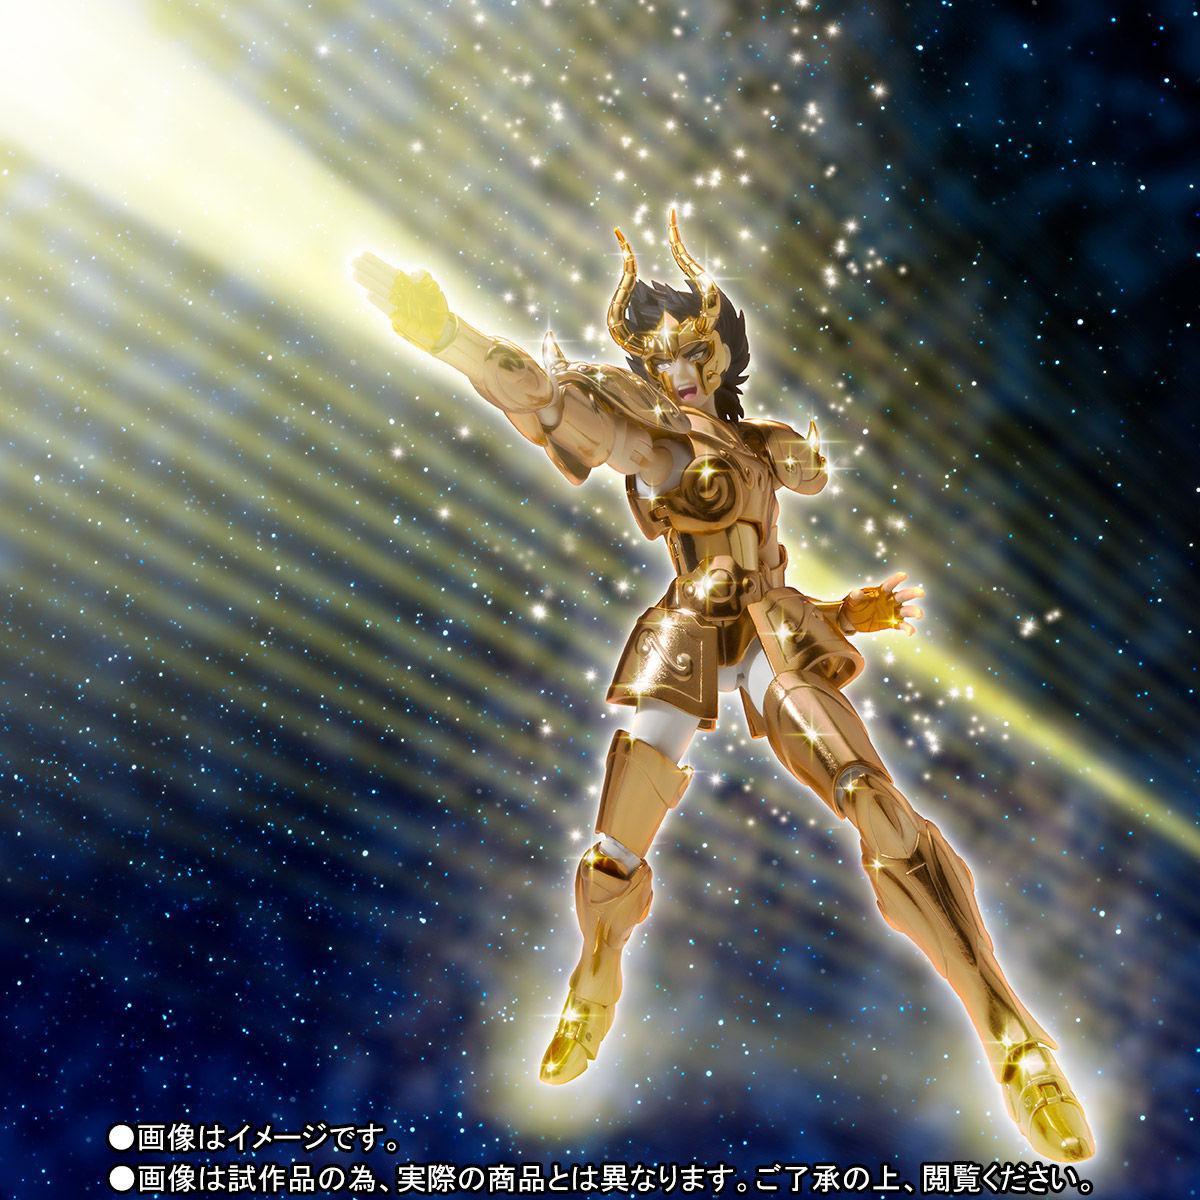 【限定販売】聖闘士聖衣神話EX『カプリコーンシュラ ~ORIGINAL COLOR EDITION~』可動フィギュア-008